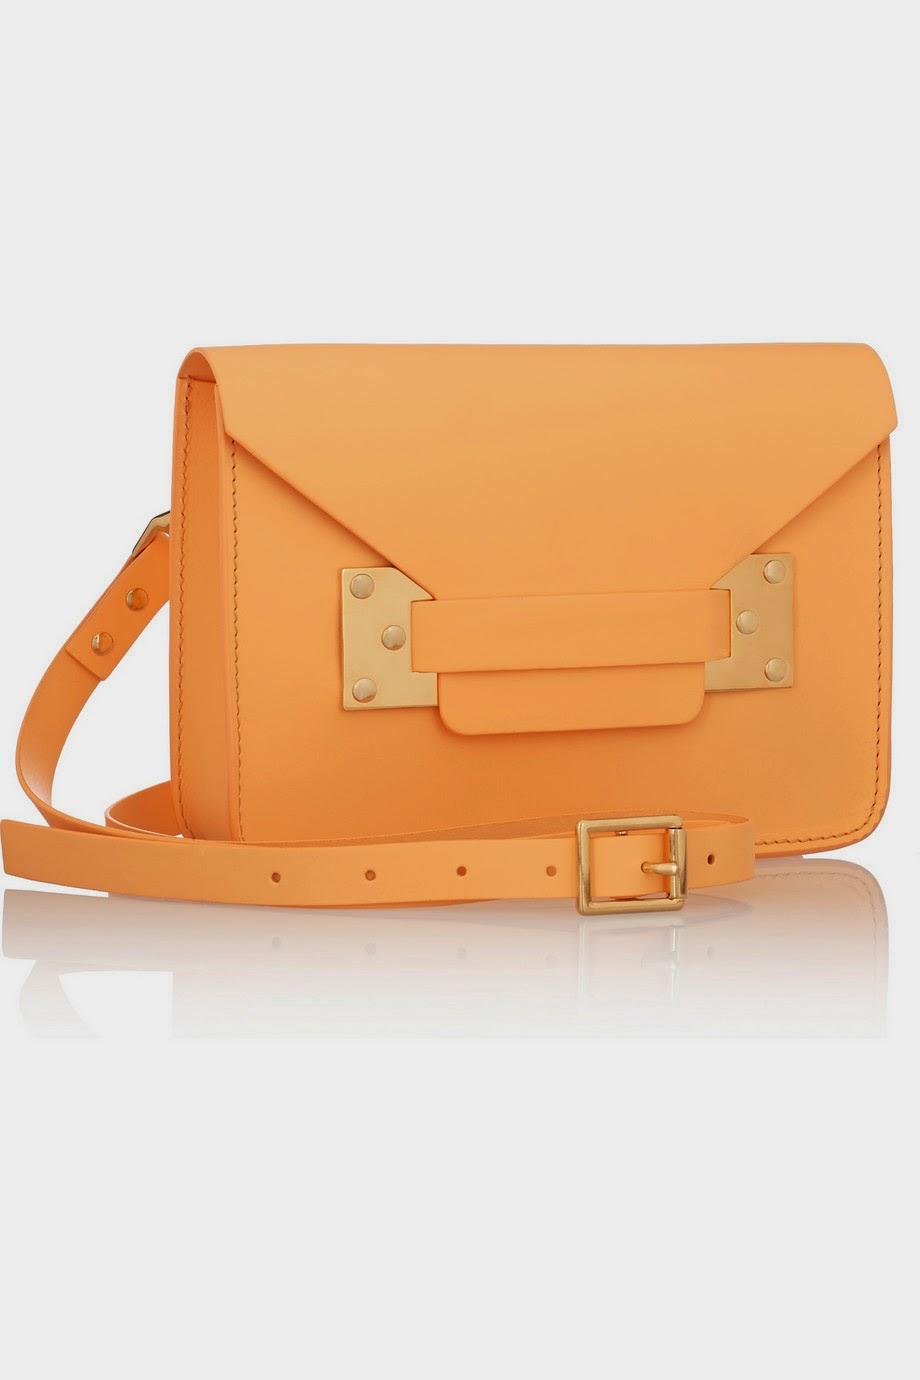 Net-a-Porter Sophie Hulme Envelope mini leather shoulder bag